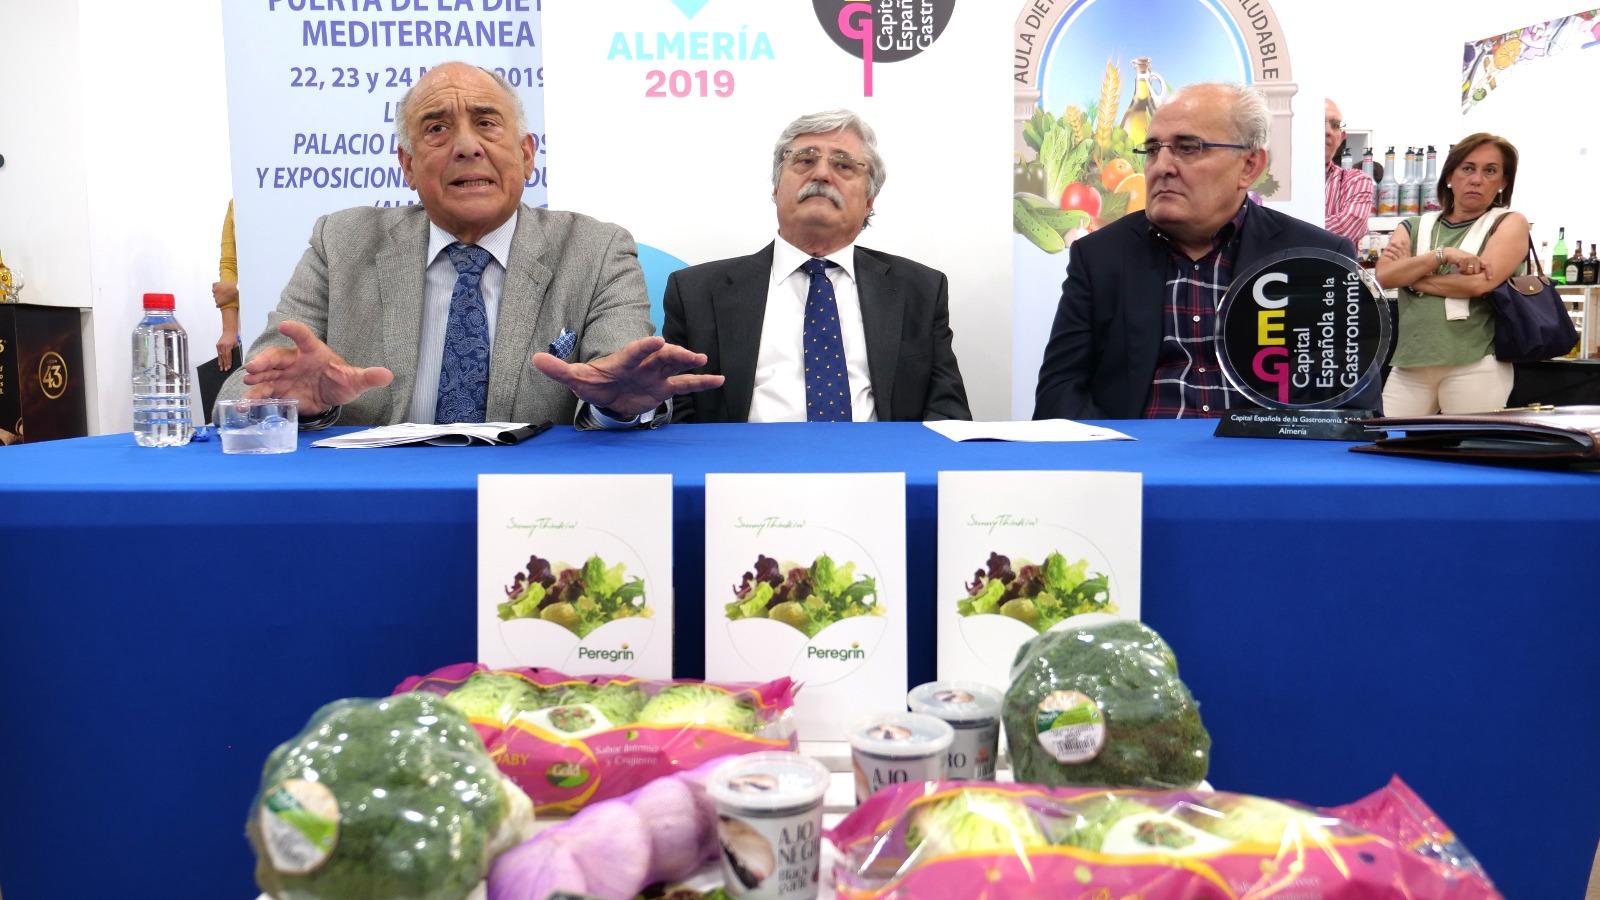 Aula de la Dieta Mediterránea y Peregrín unen sus fuerzas por la buena alimentación